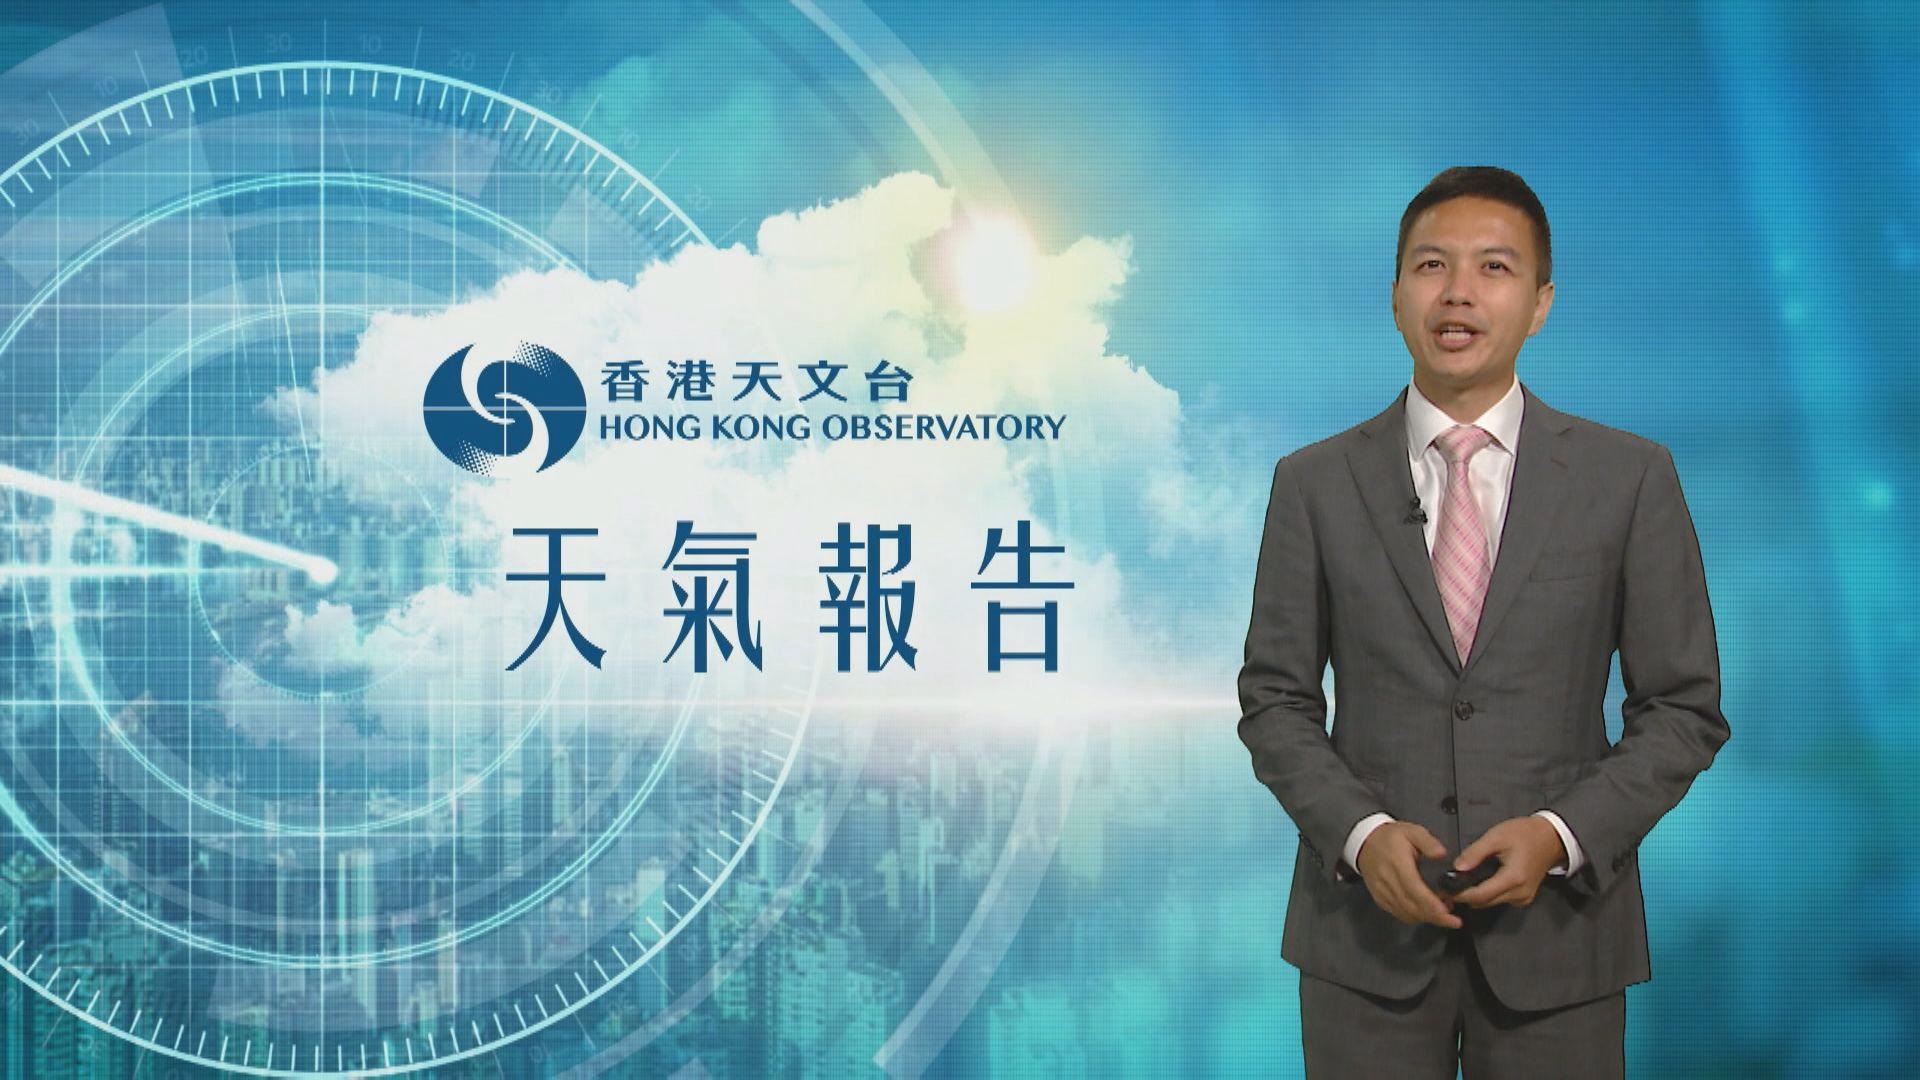 【天氣報告】(5月27日)